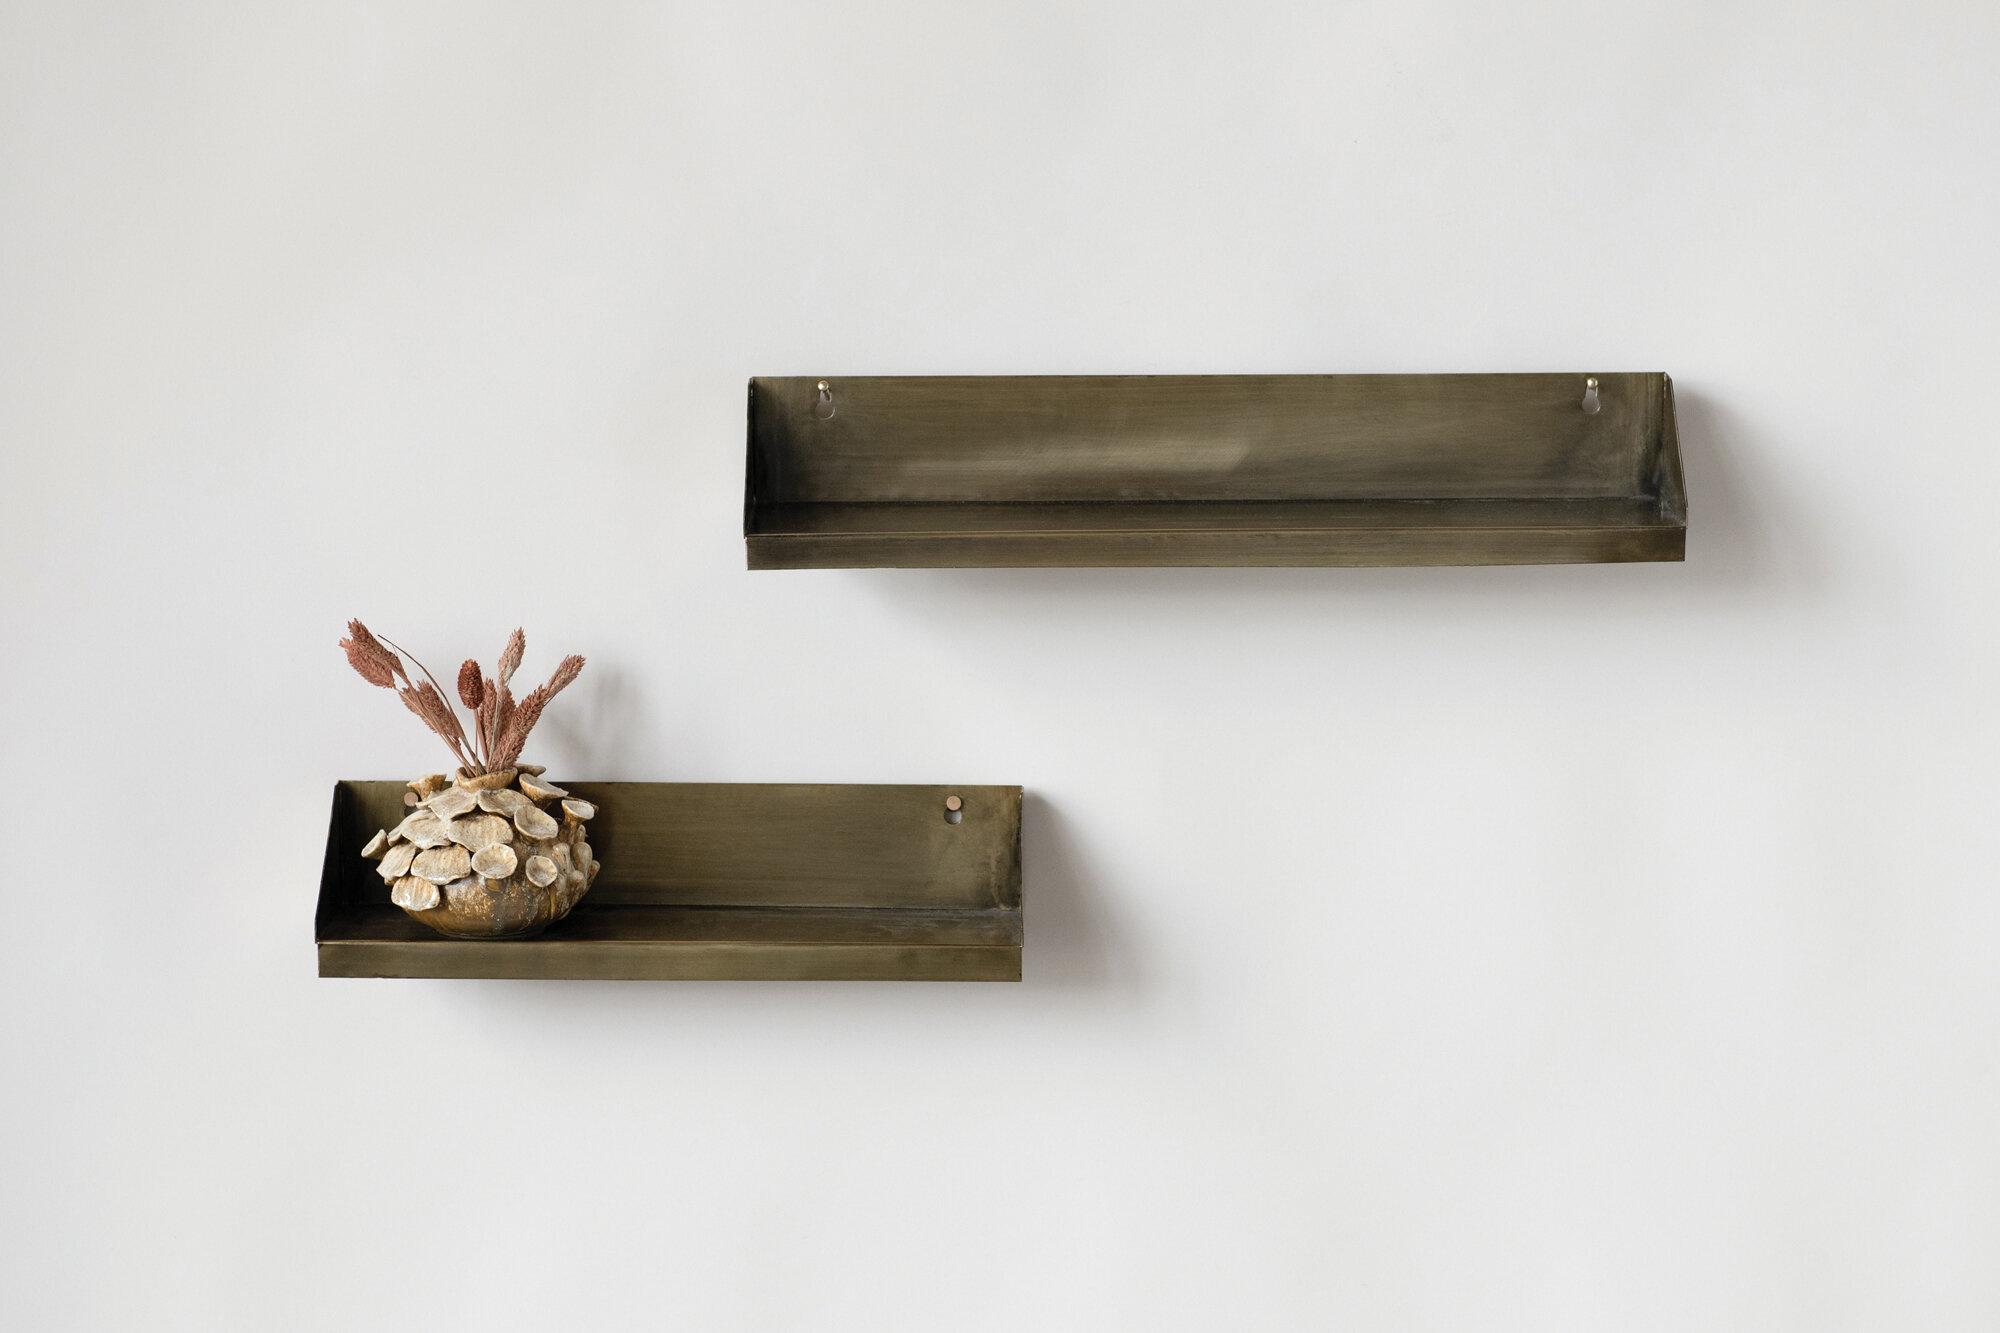 17 stories van cleef metal 2 piece floating shelf set c